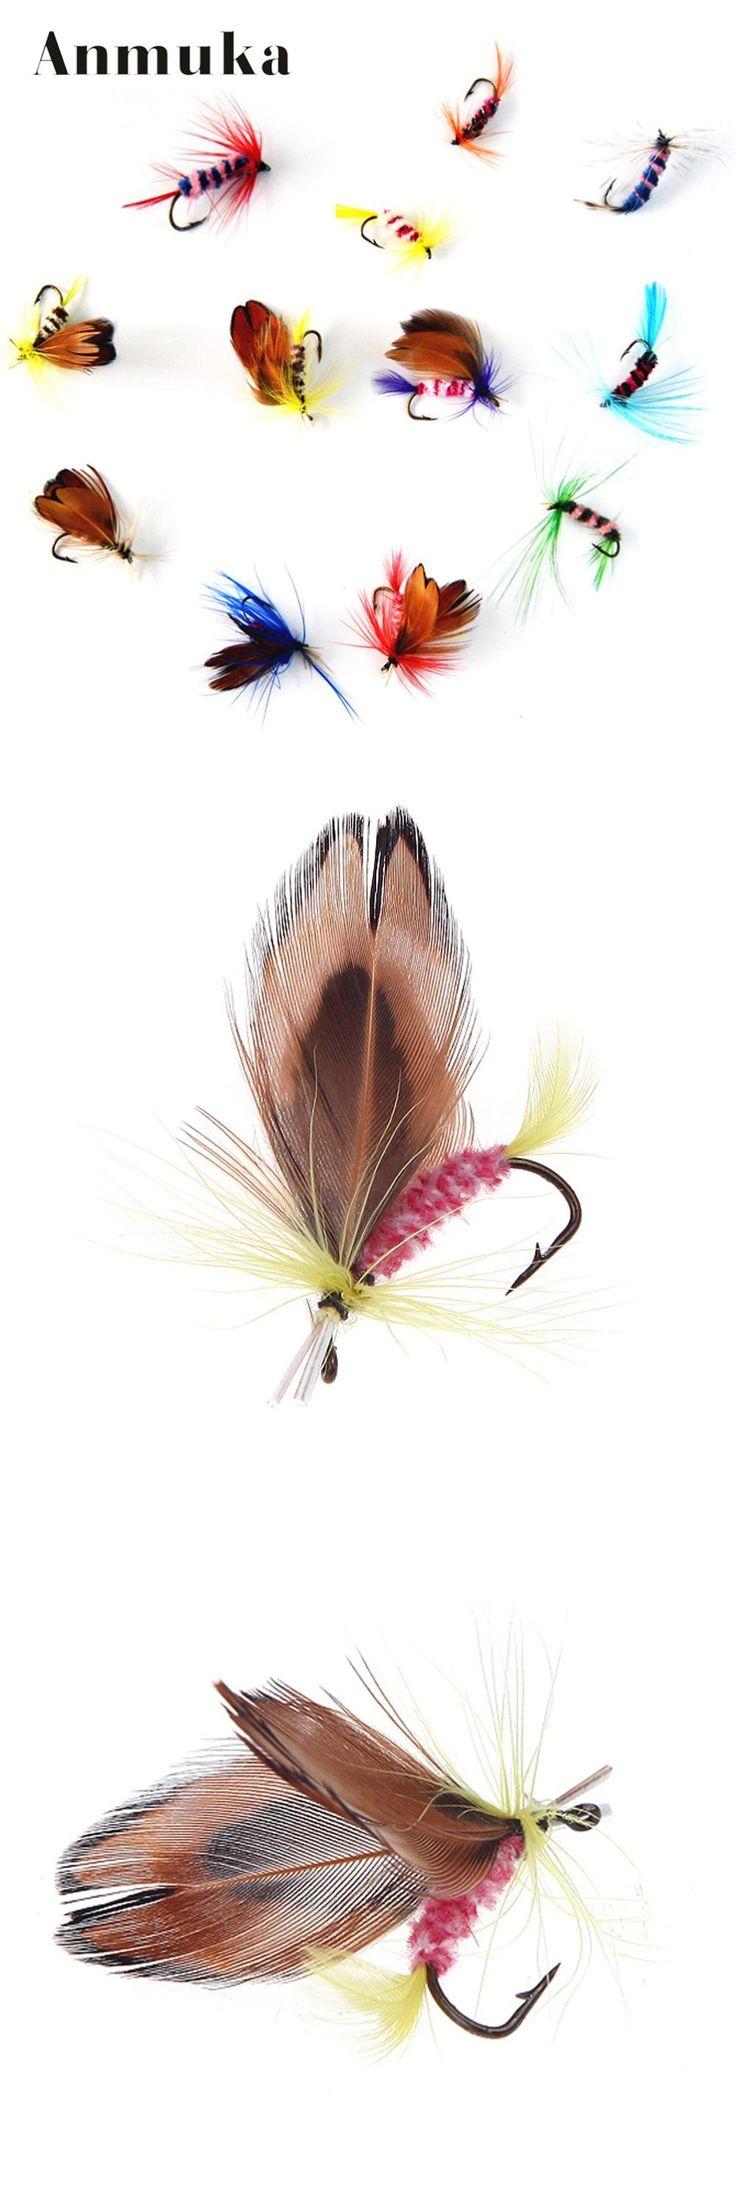 [Visit to Buy] Anmuka 12pcs/set Various Dry Fly Fishing Trout Salmon Dry Flies Fish Hook Lures fishing fishing pesca #Advertisement